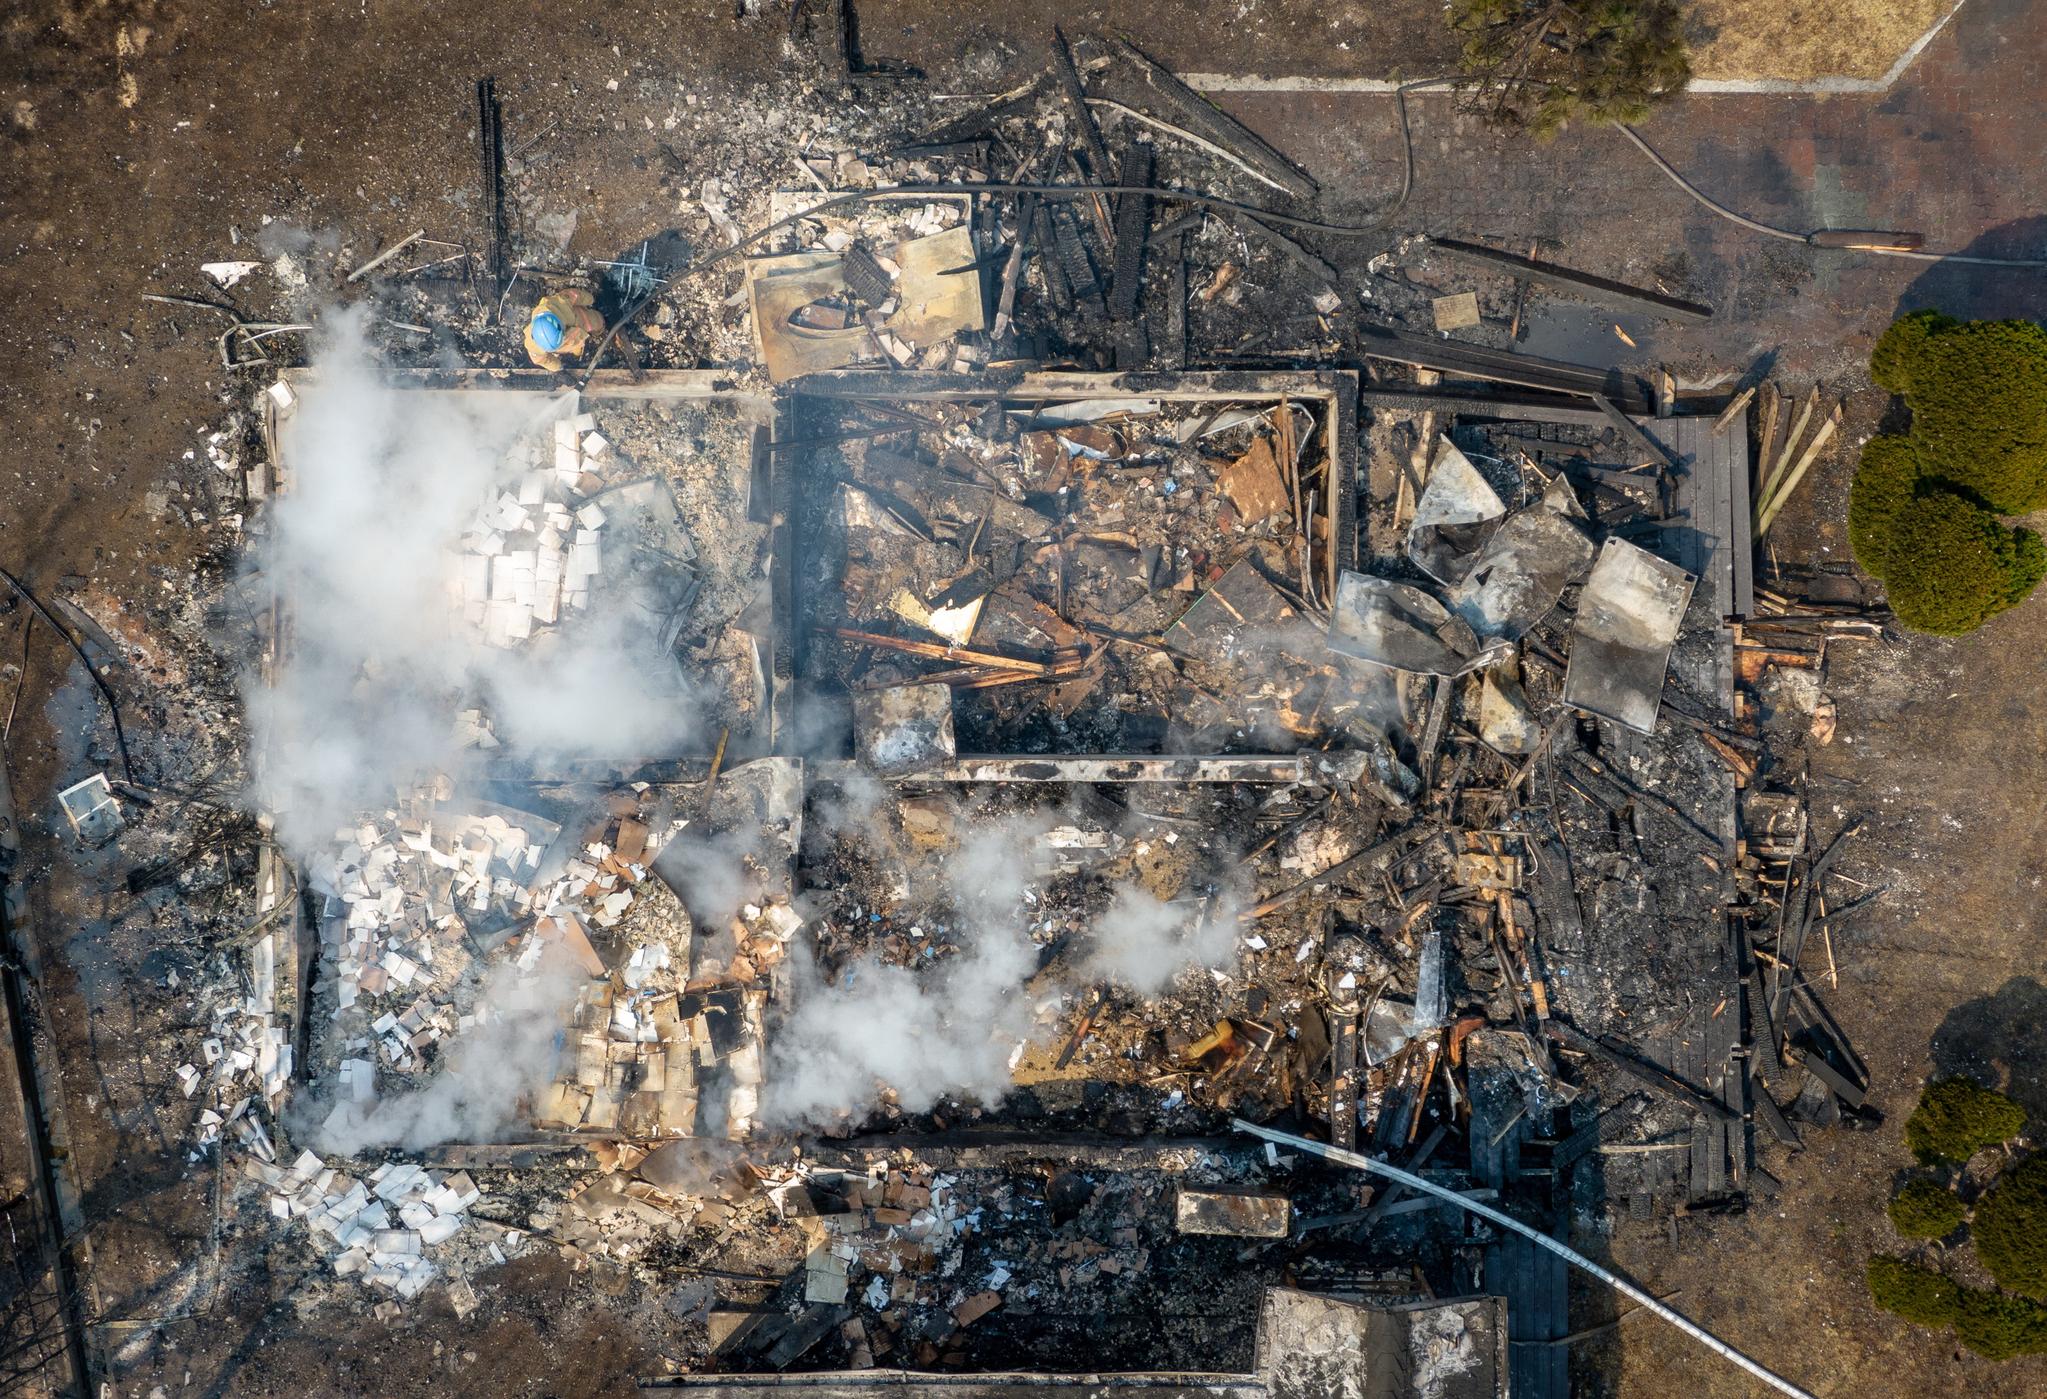 5일 강원도 강릉시 옥계면에서 발생한 산불이 번져 동해시 망상오토캠핑리조트가 전소됐다. 소방대원들이 망상오토캠핑장에서 잔불 진화작업을 하고 있다. [뉴스1]